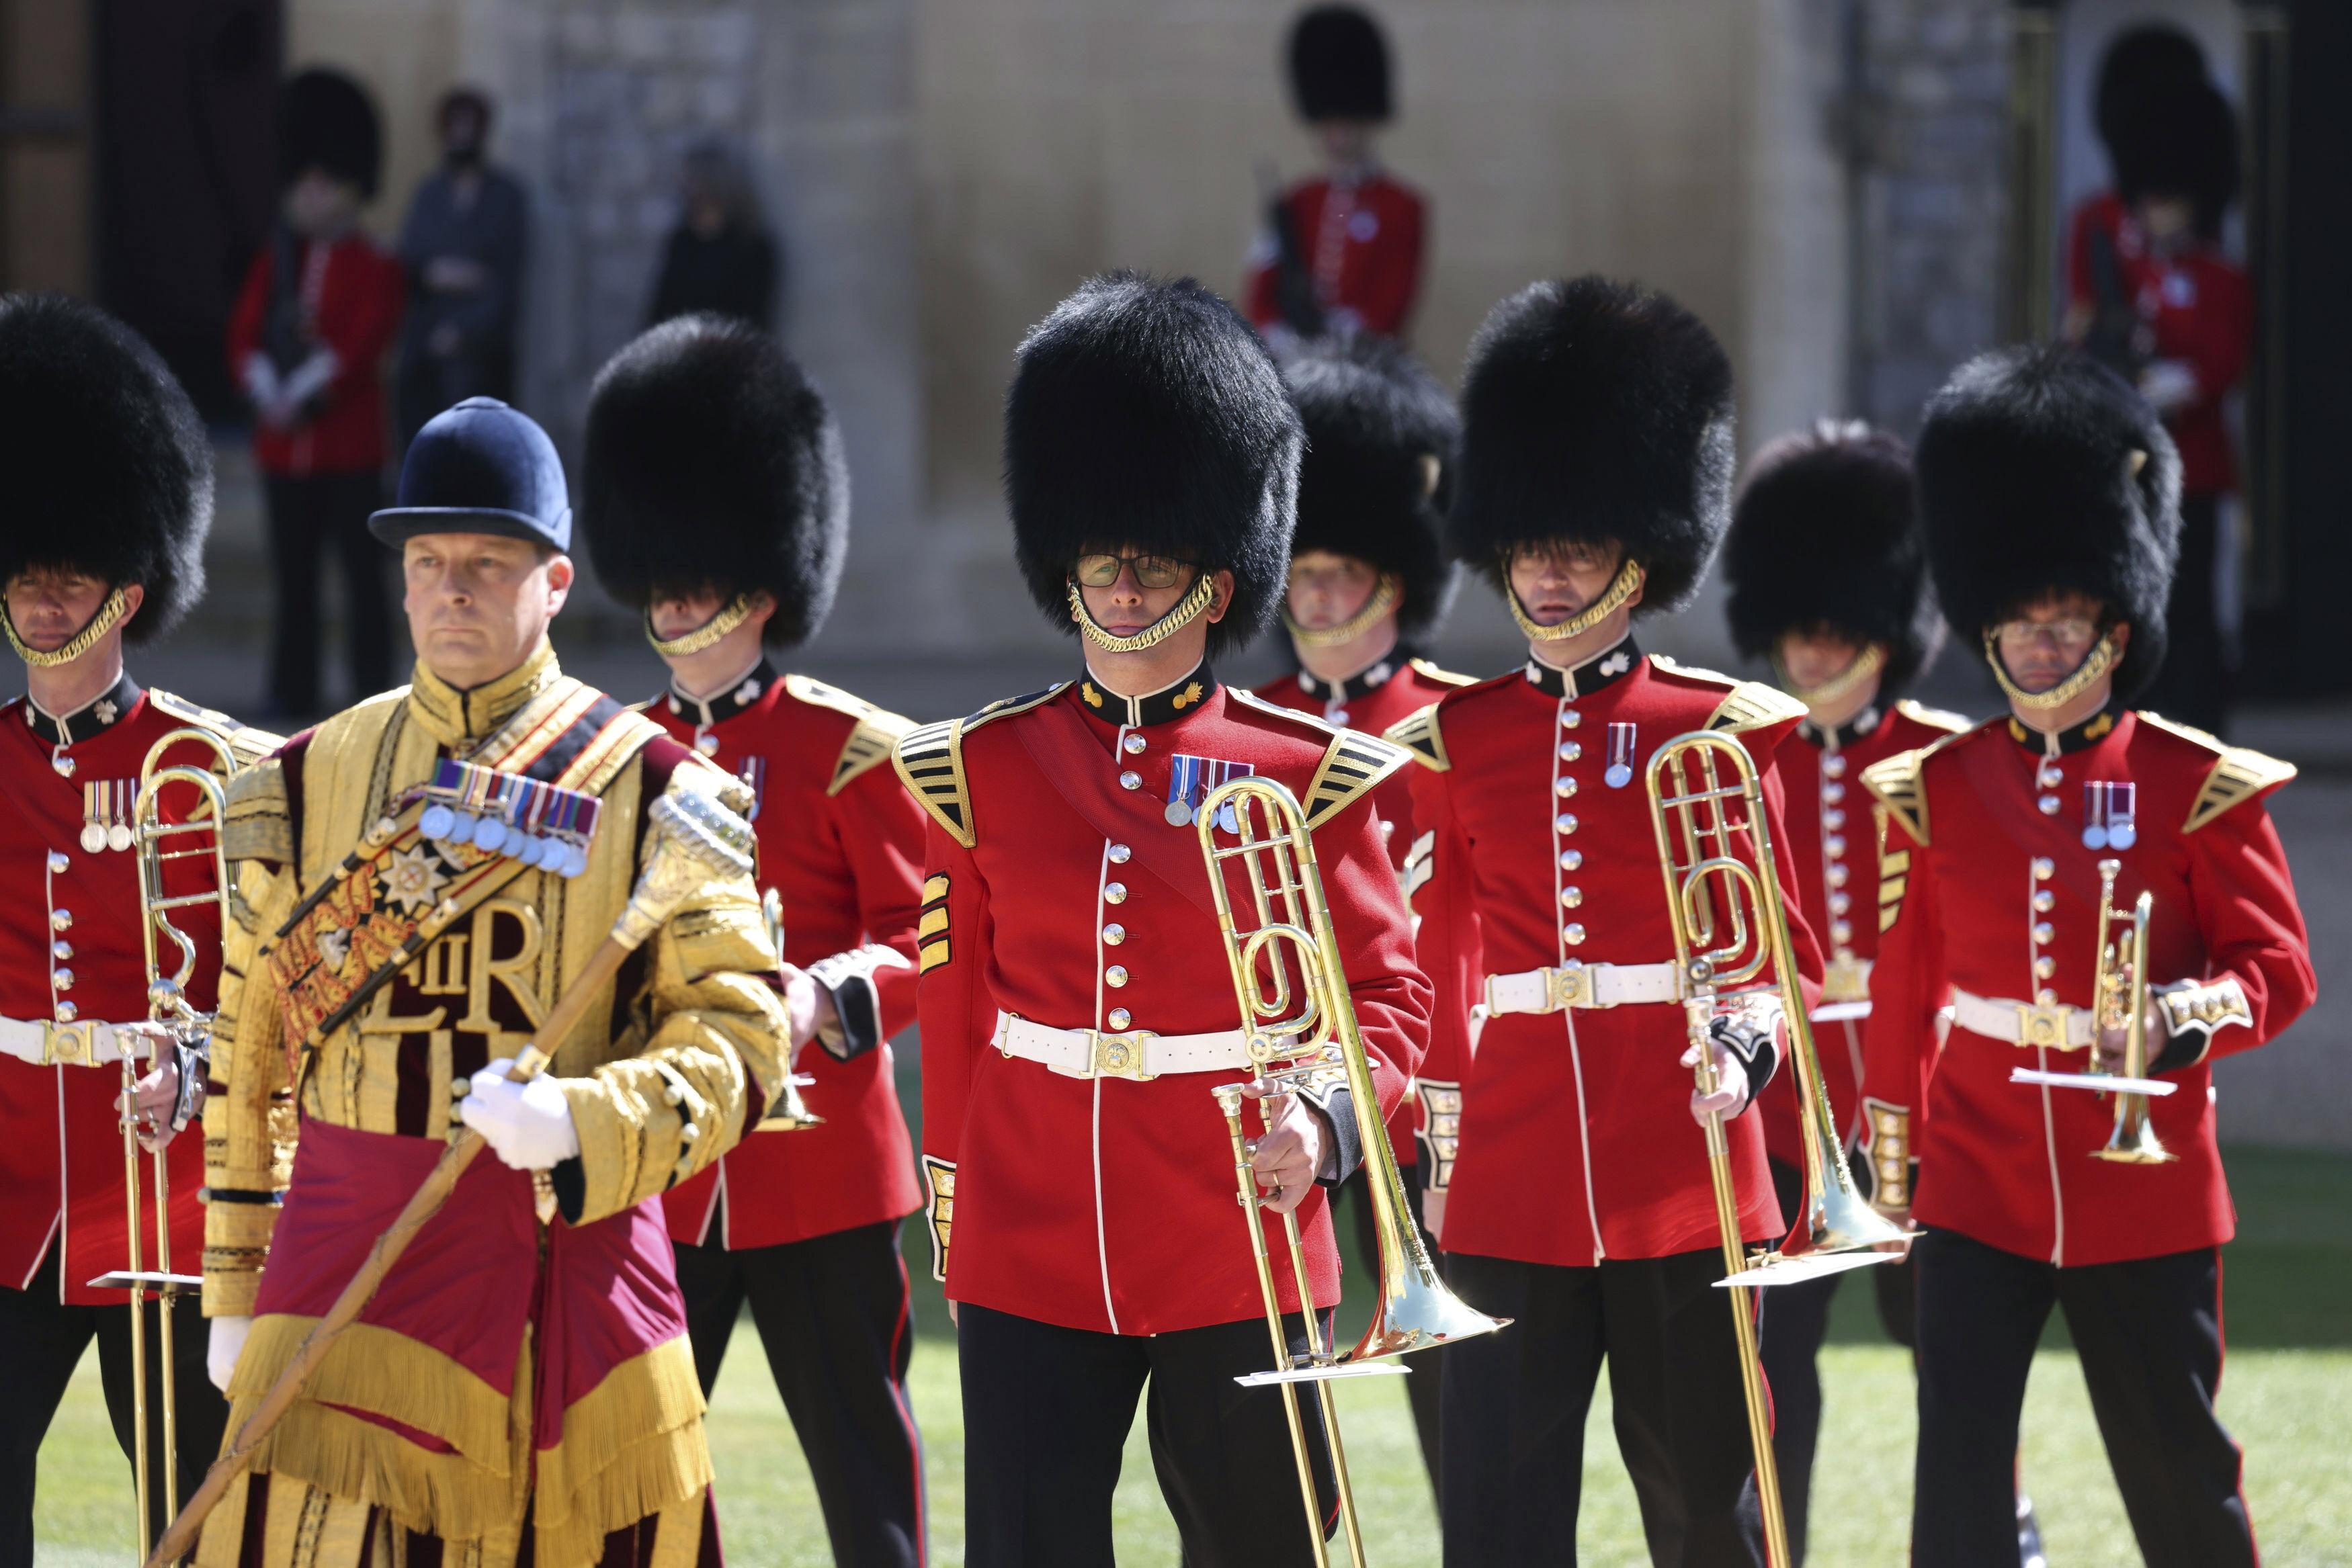 Desde tempranas horas de la mañana los diversos regimientos del ejército británico comenzaron el homenaje al dique de Edimburgo. (AP)